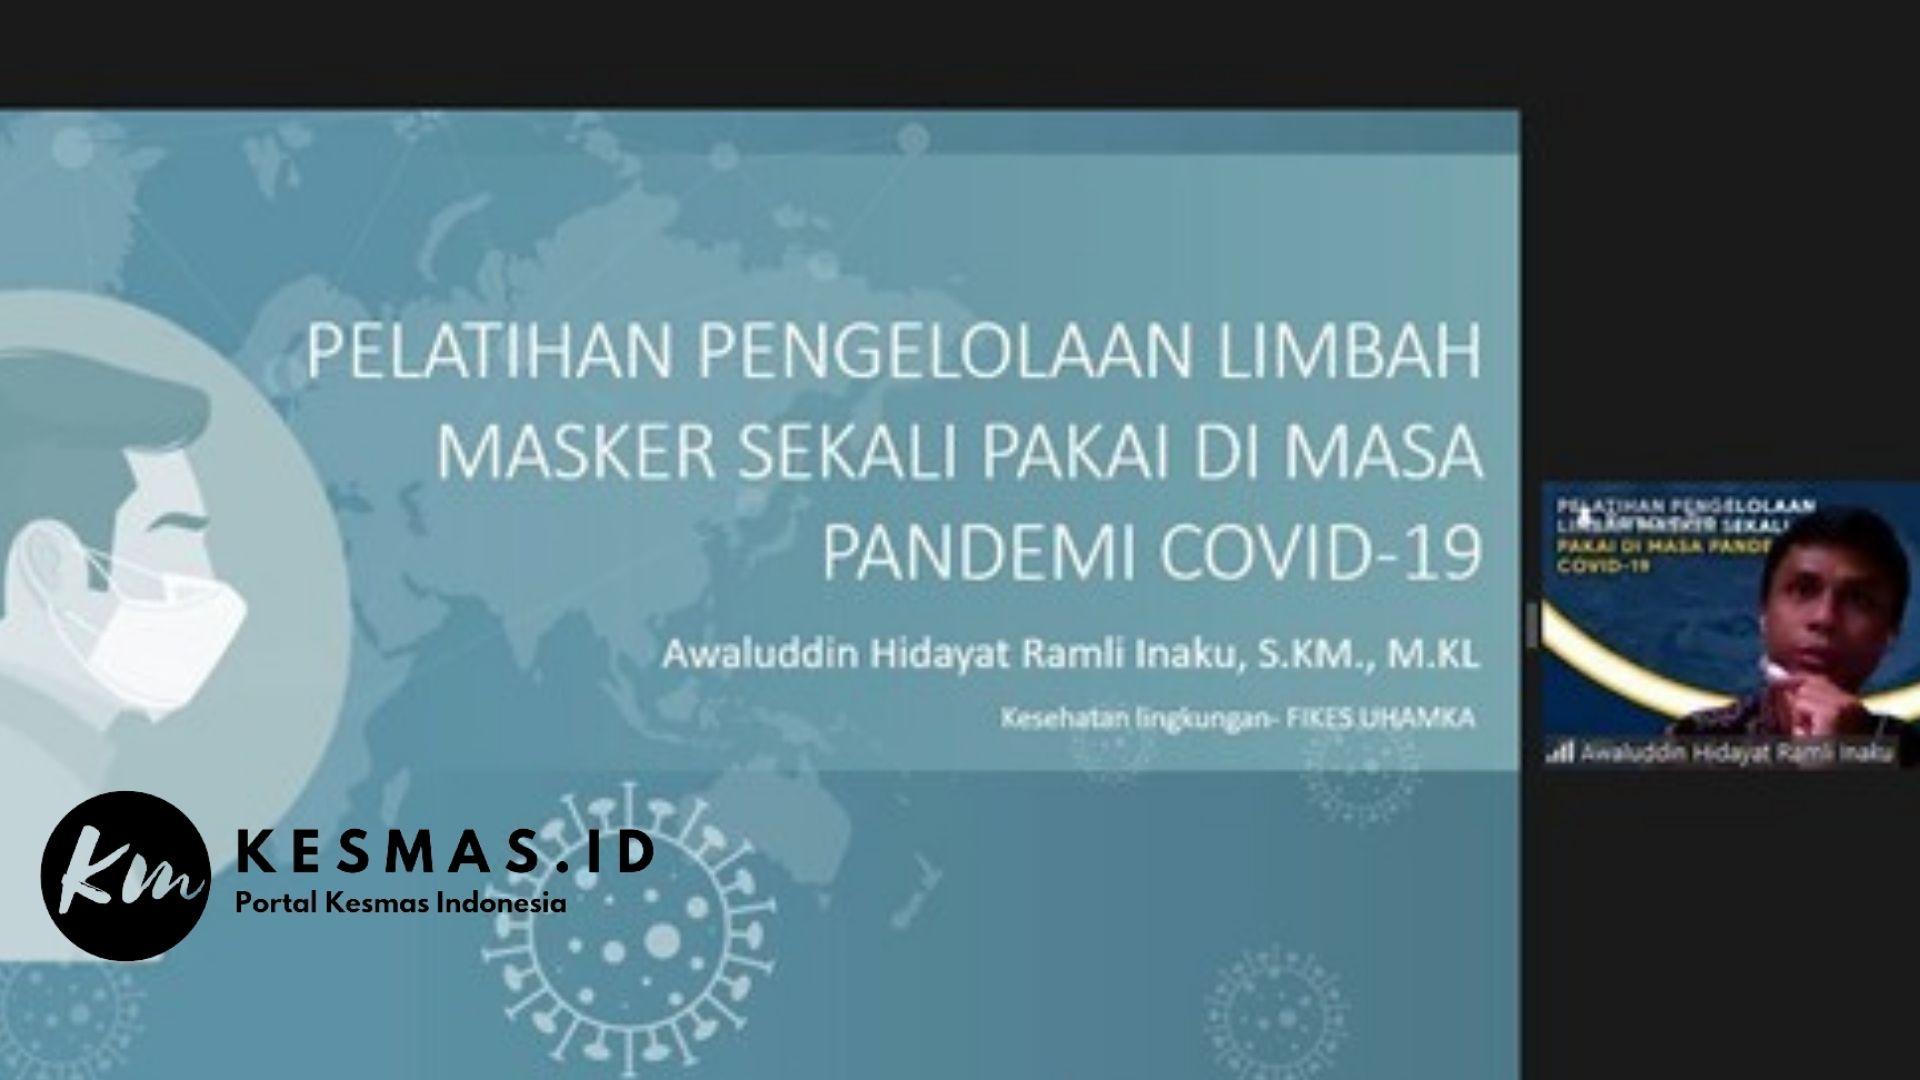 Pelatihan Pengelolaan Limbah Masker Sekali Pakai di Masa Pandemi COVID-19 Pada Ibu Rumah Tangga